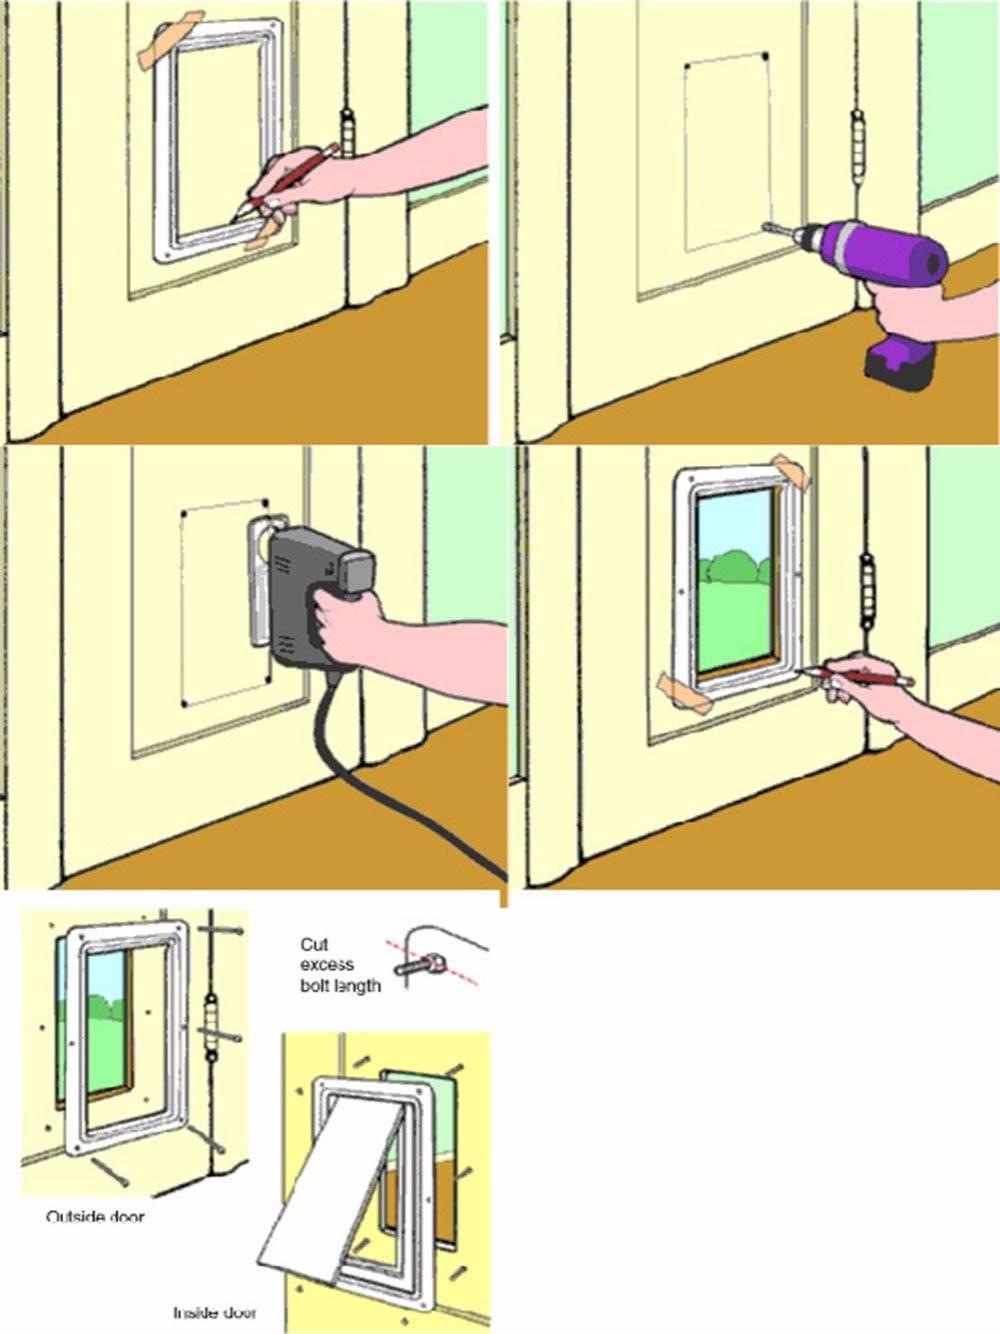 Дверца для кошки: разновидности и особенности выбора дверей, самостоятельное изготовление аксессуара, отзывы владельцев